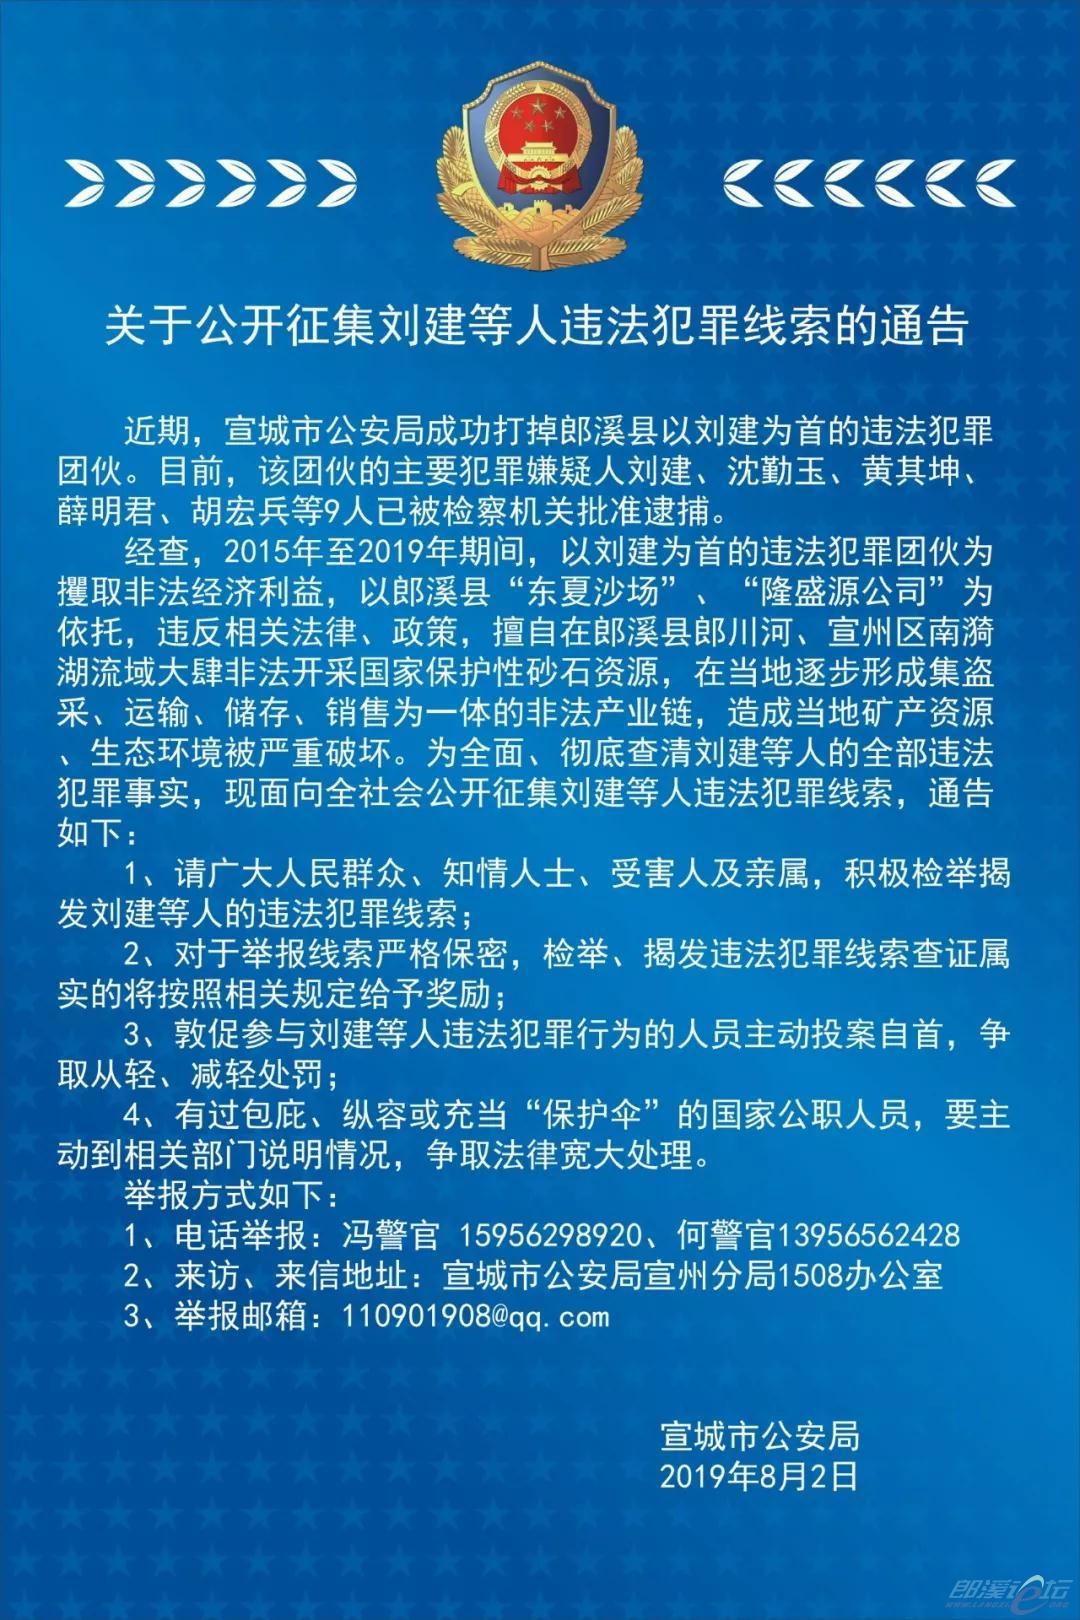 宣城市公安局征集刘建犯罪团伙犯罪线索通告.jpg